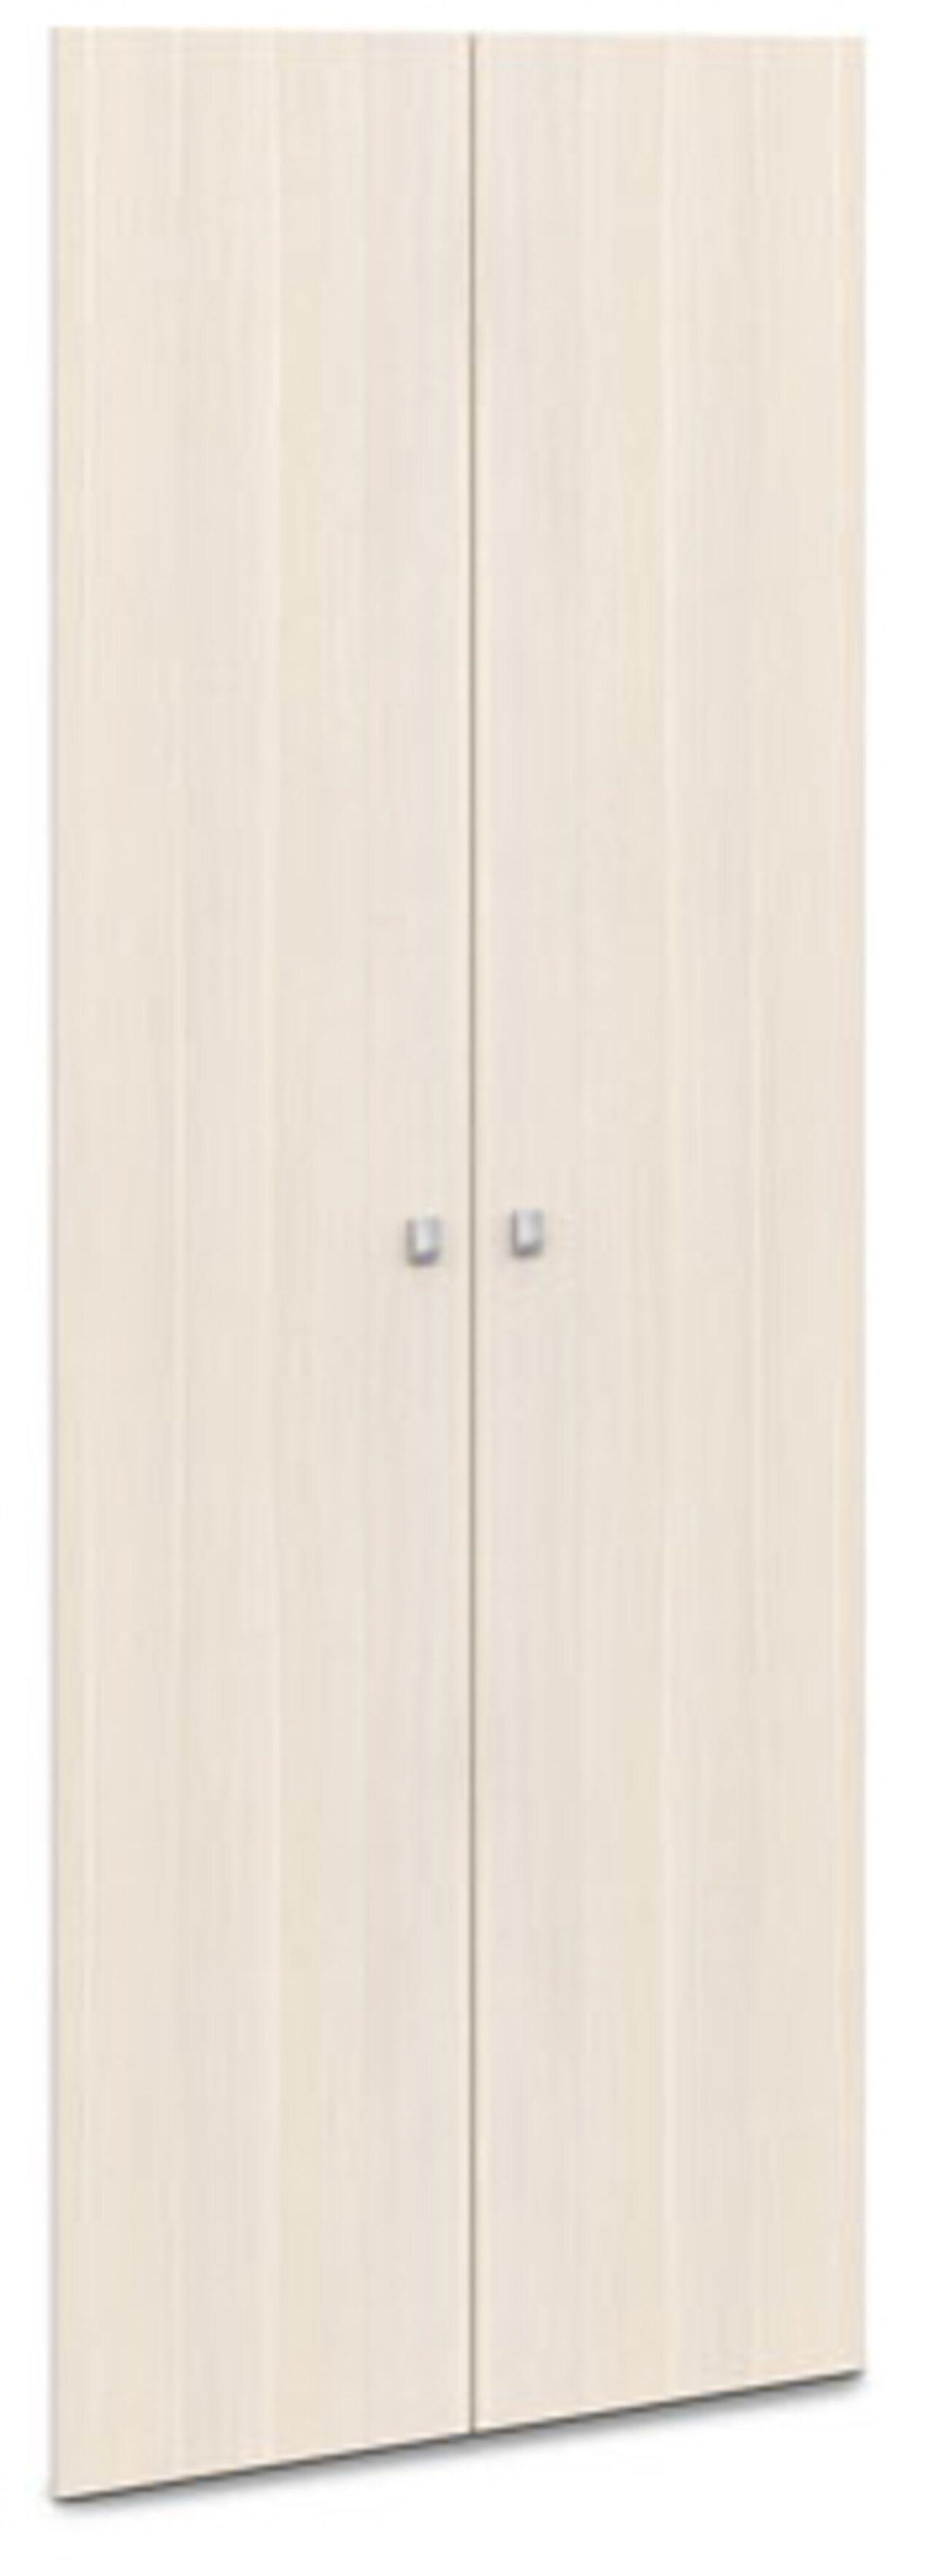 Двери ЛДСП  Vasanta 81x2x211 - фото 5